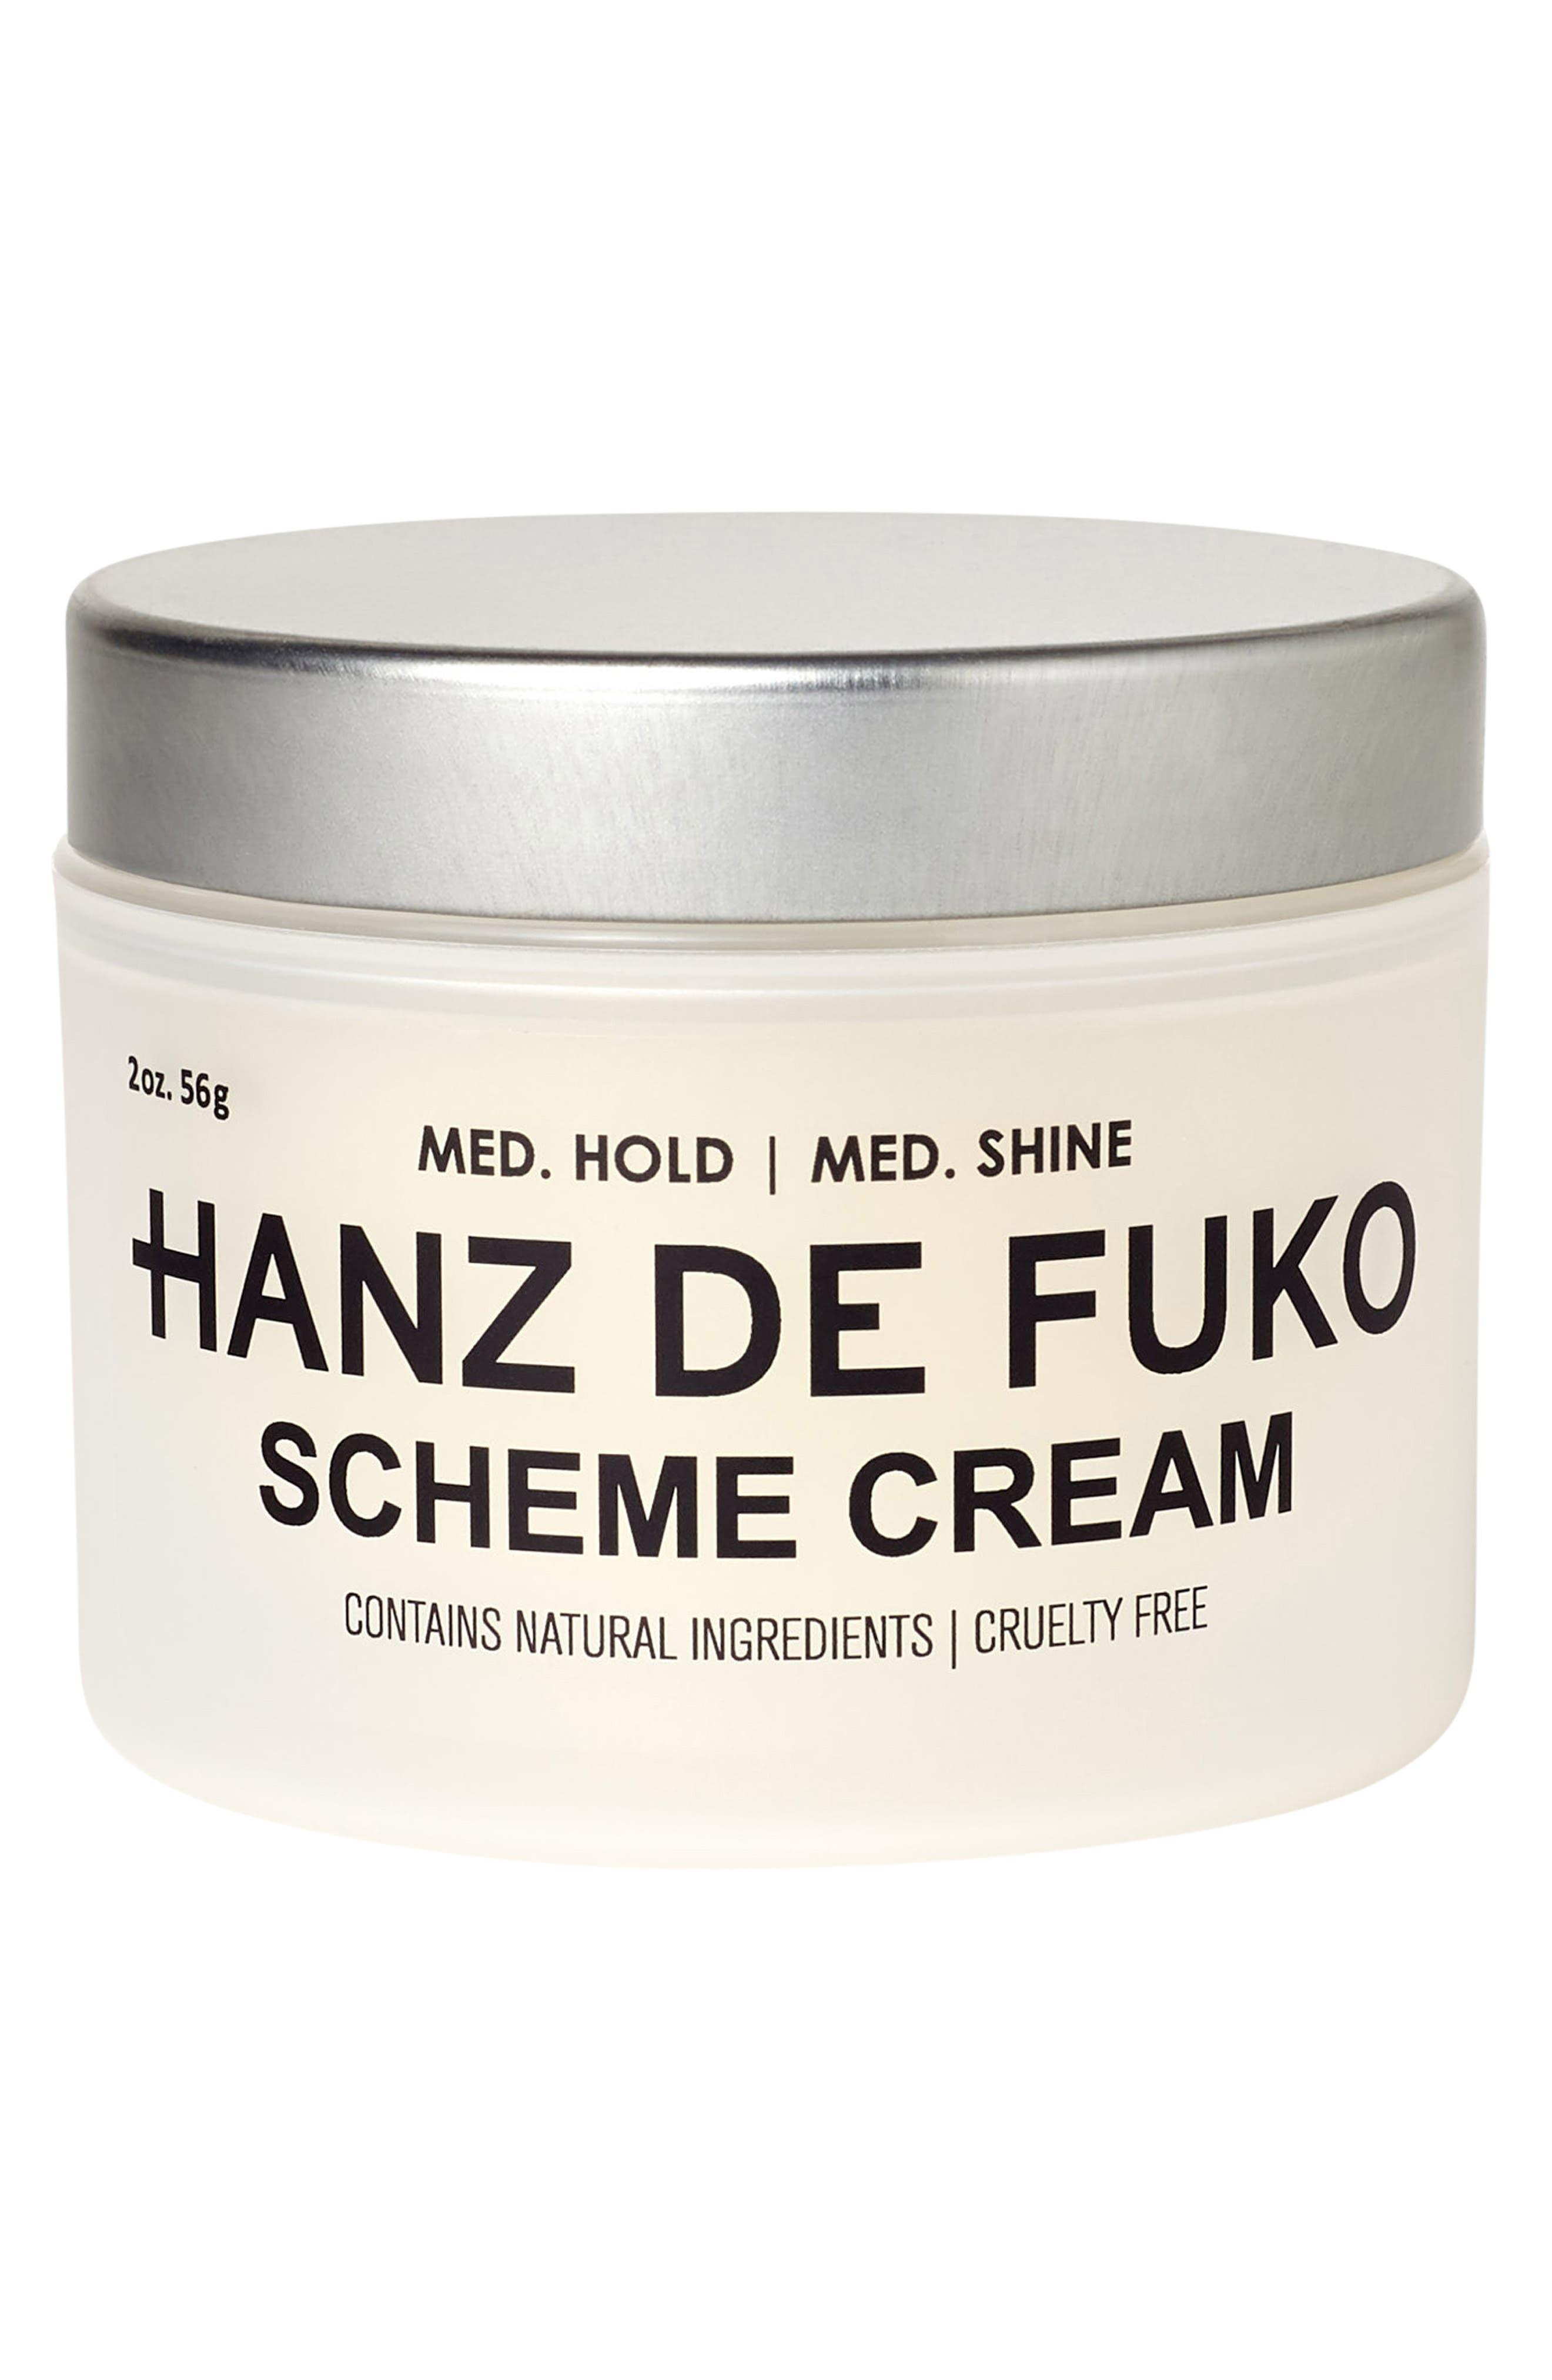 Scheme Cream